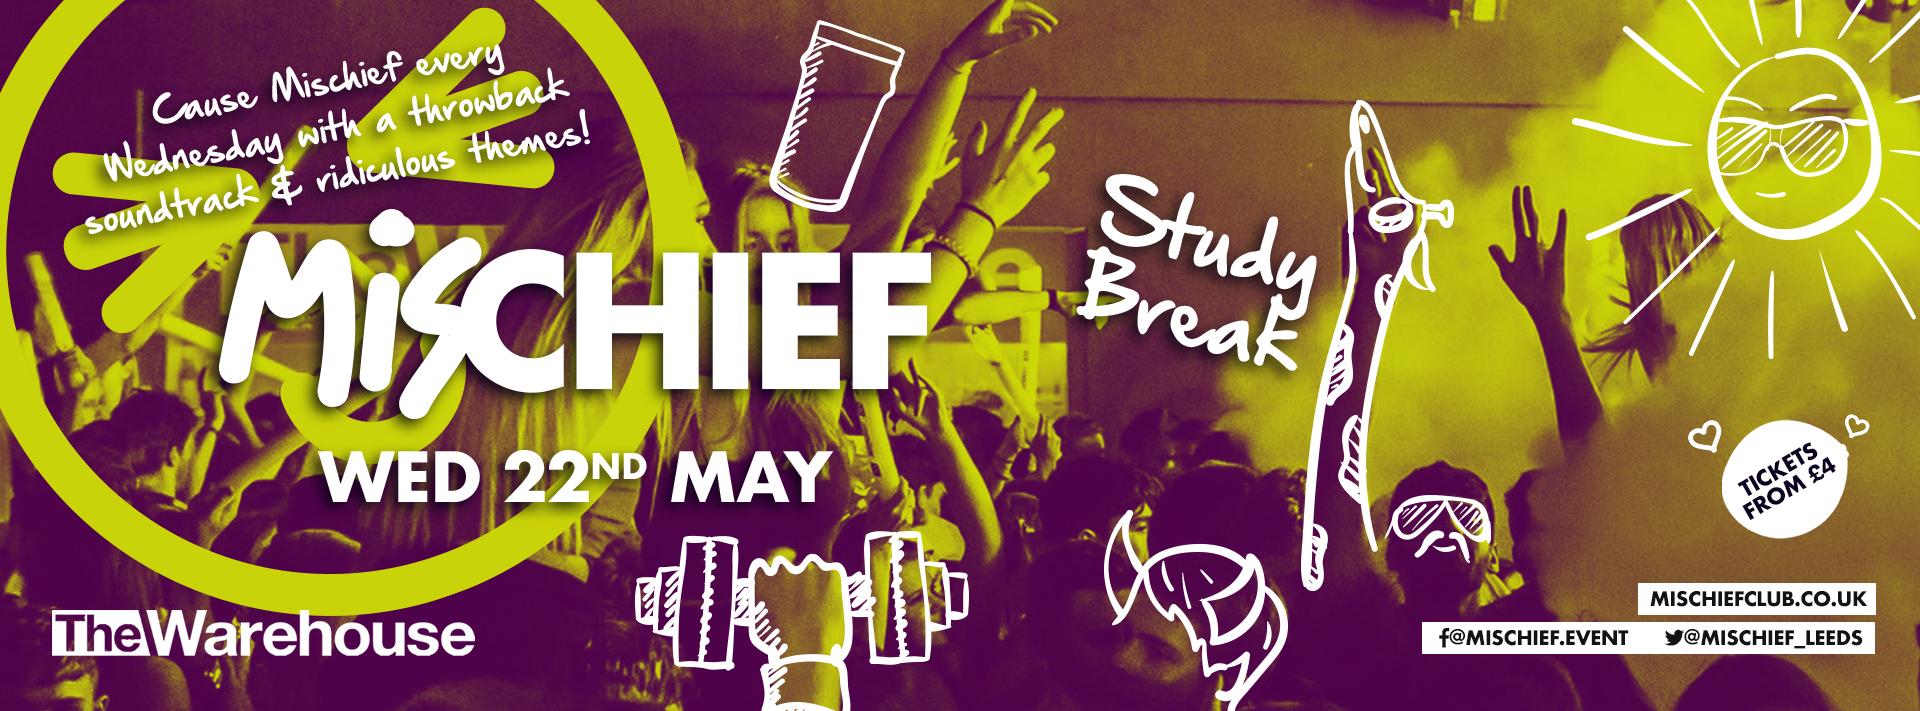 Mischief | Study Break